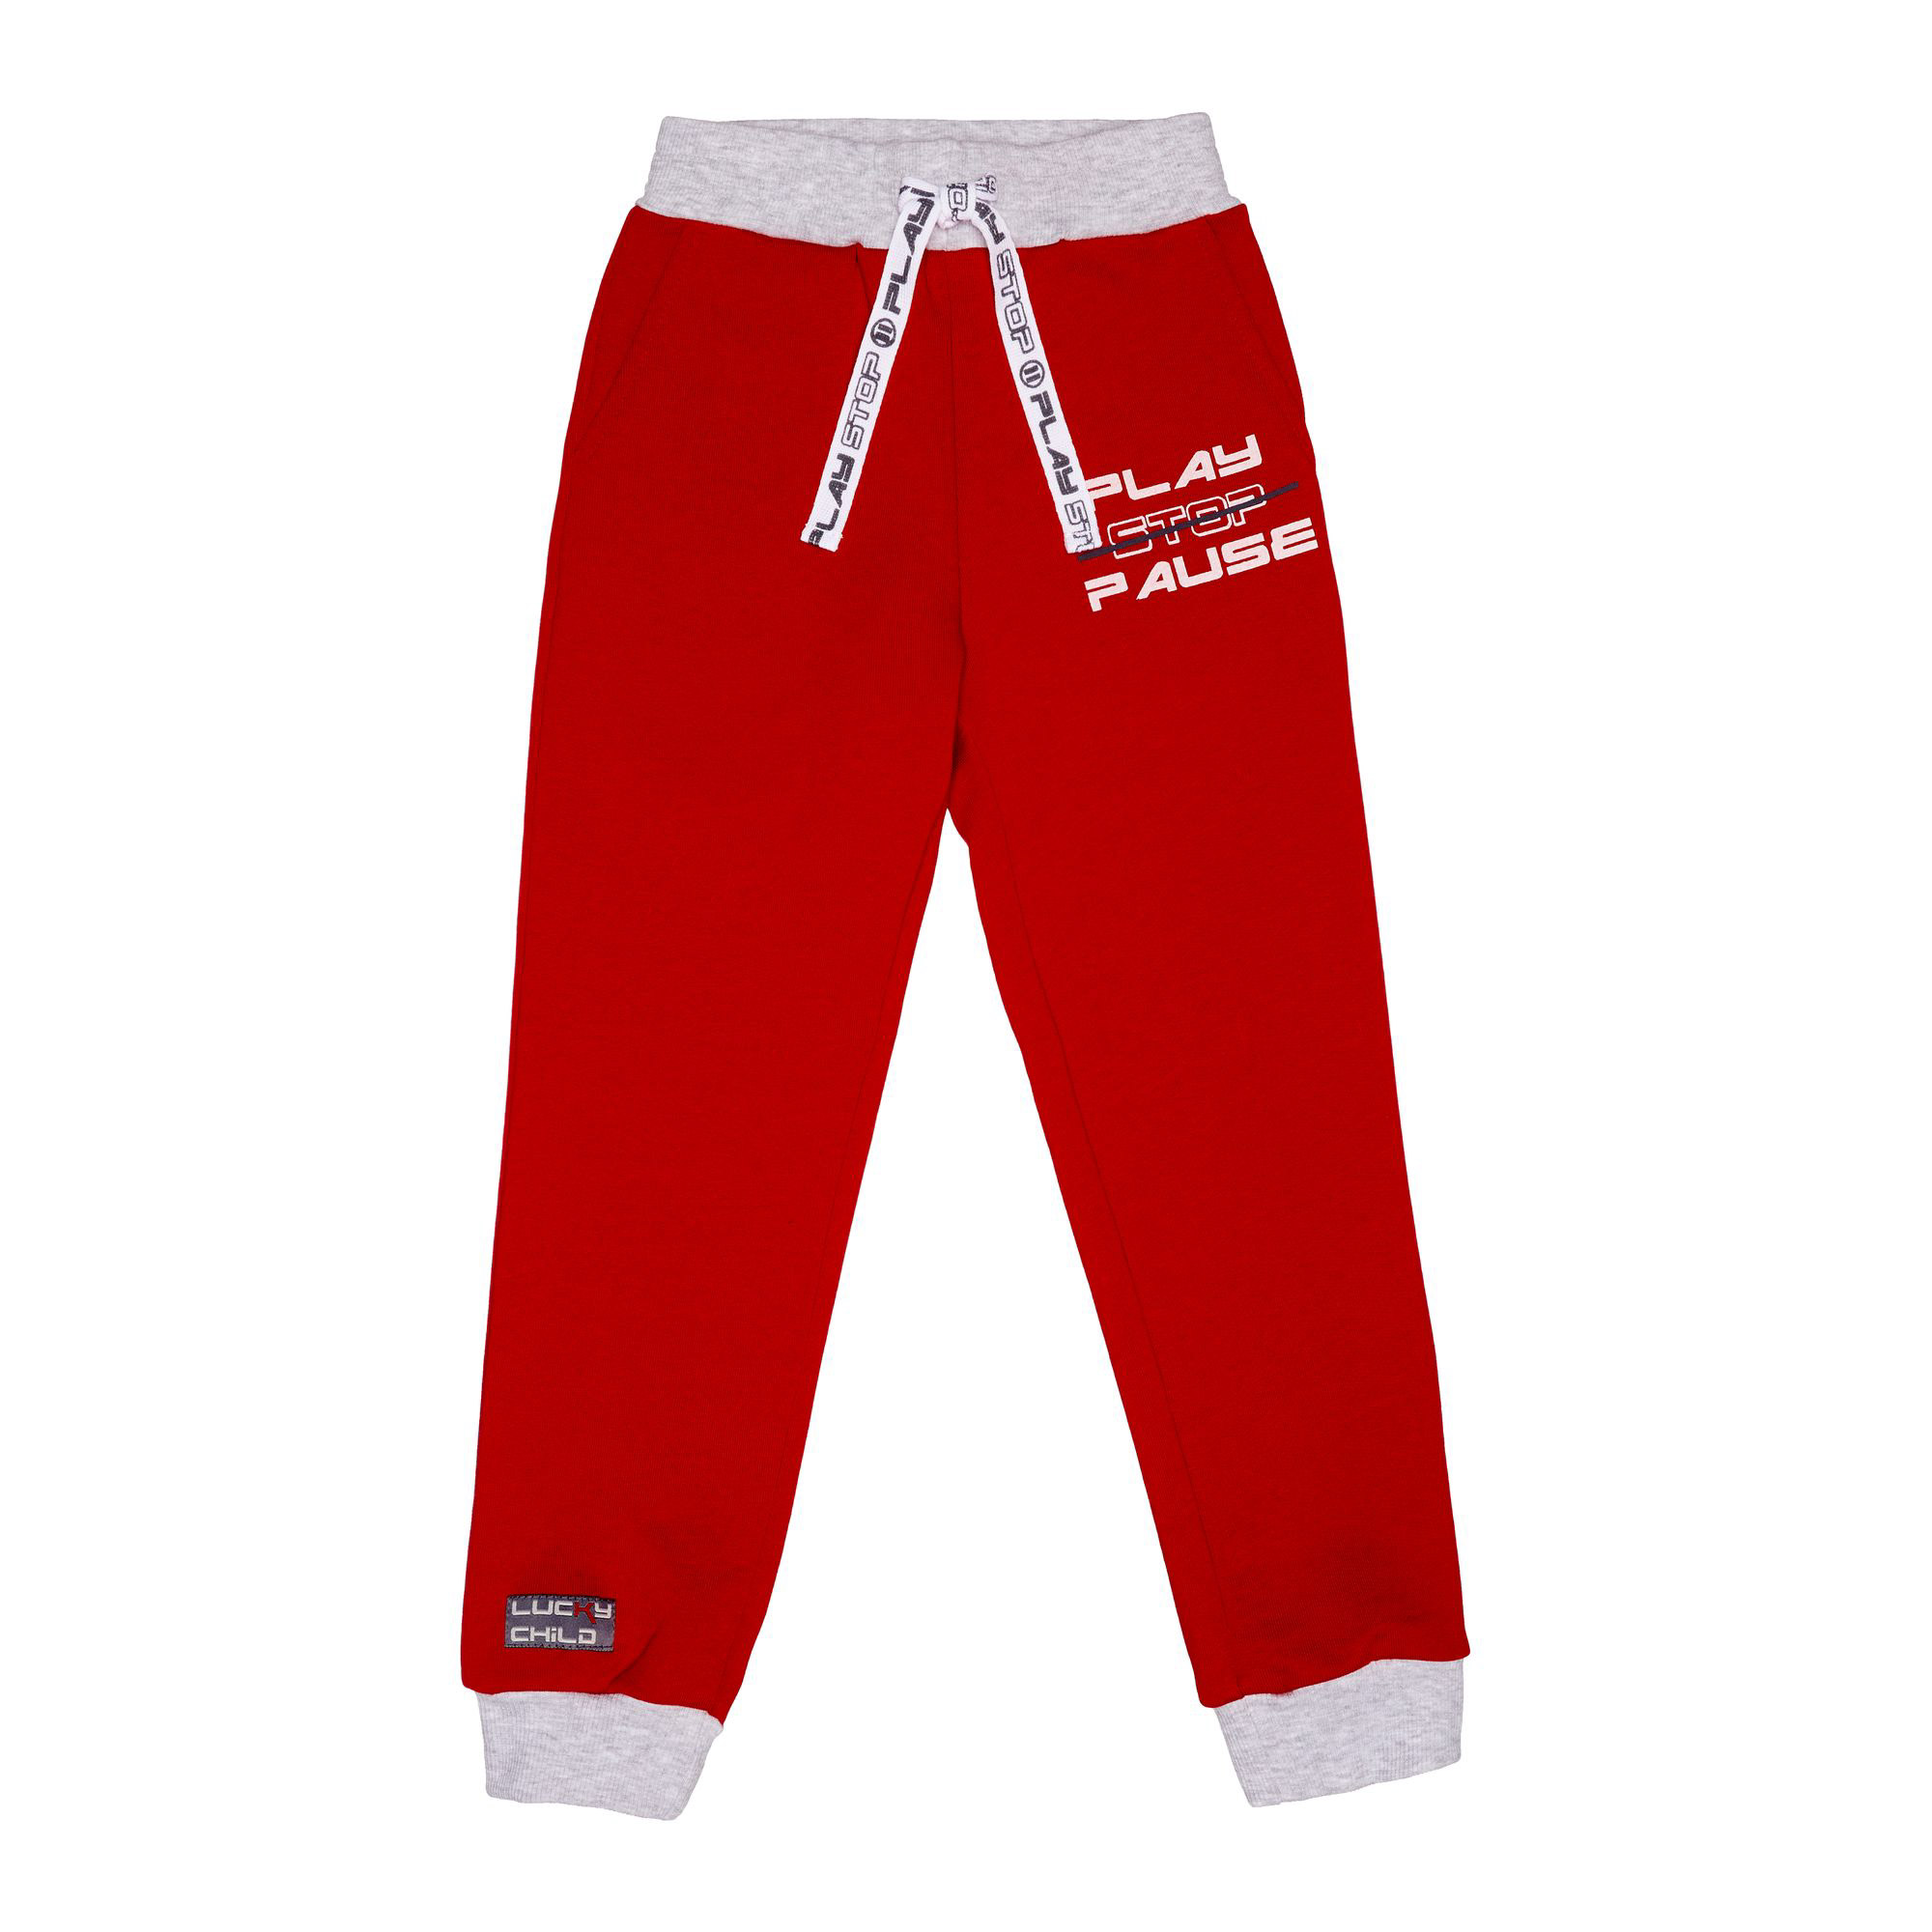 Купить Спортивные брюки Lucky Child Больше пространства красные 122-128, Красный, Футер, Для мальчиков, Осень-Зима,